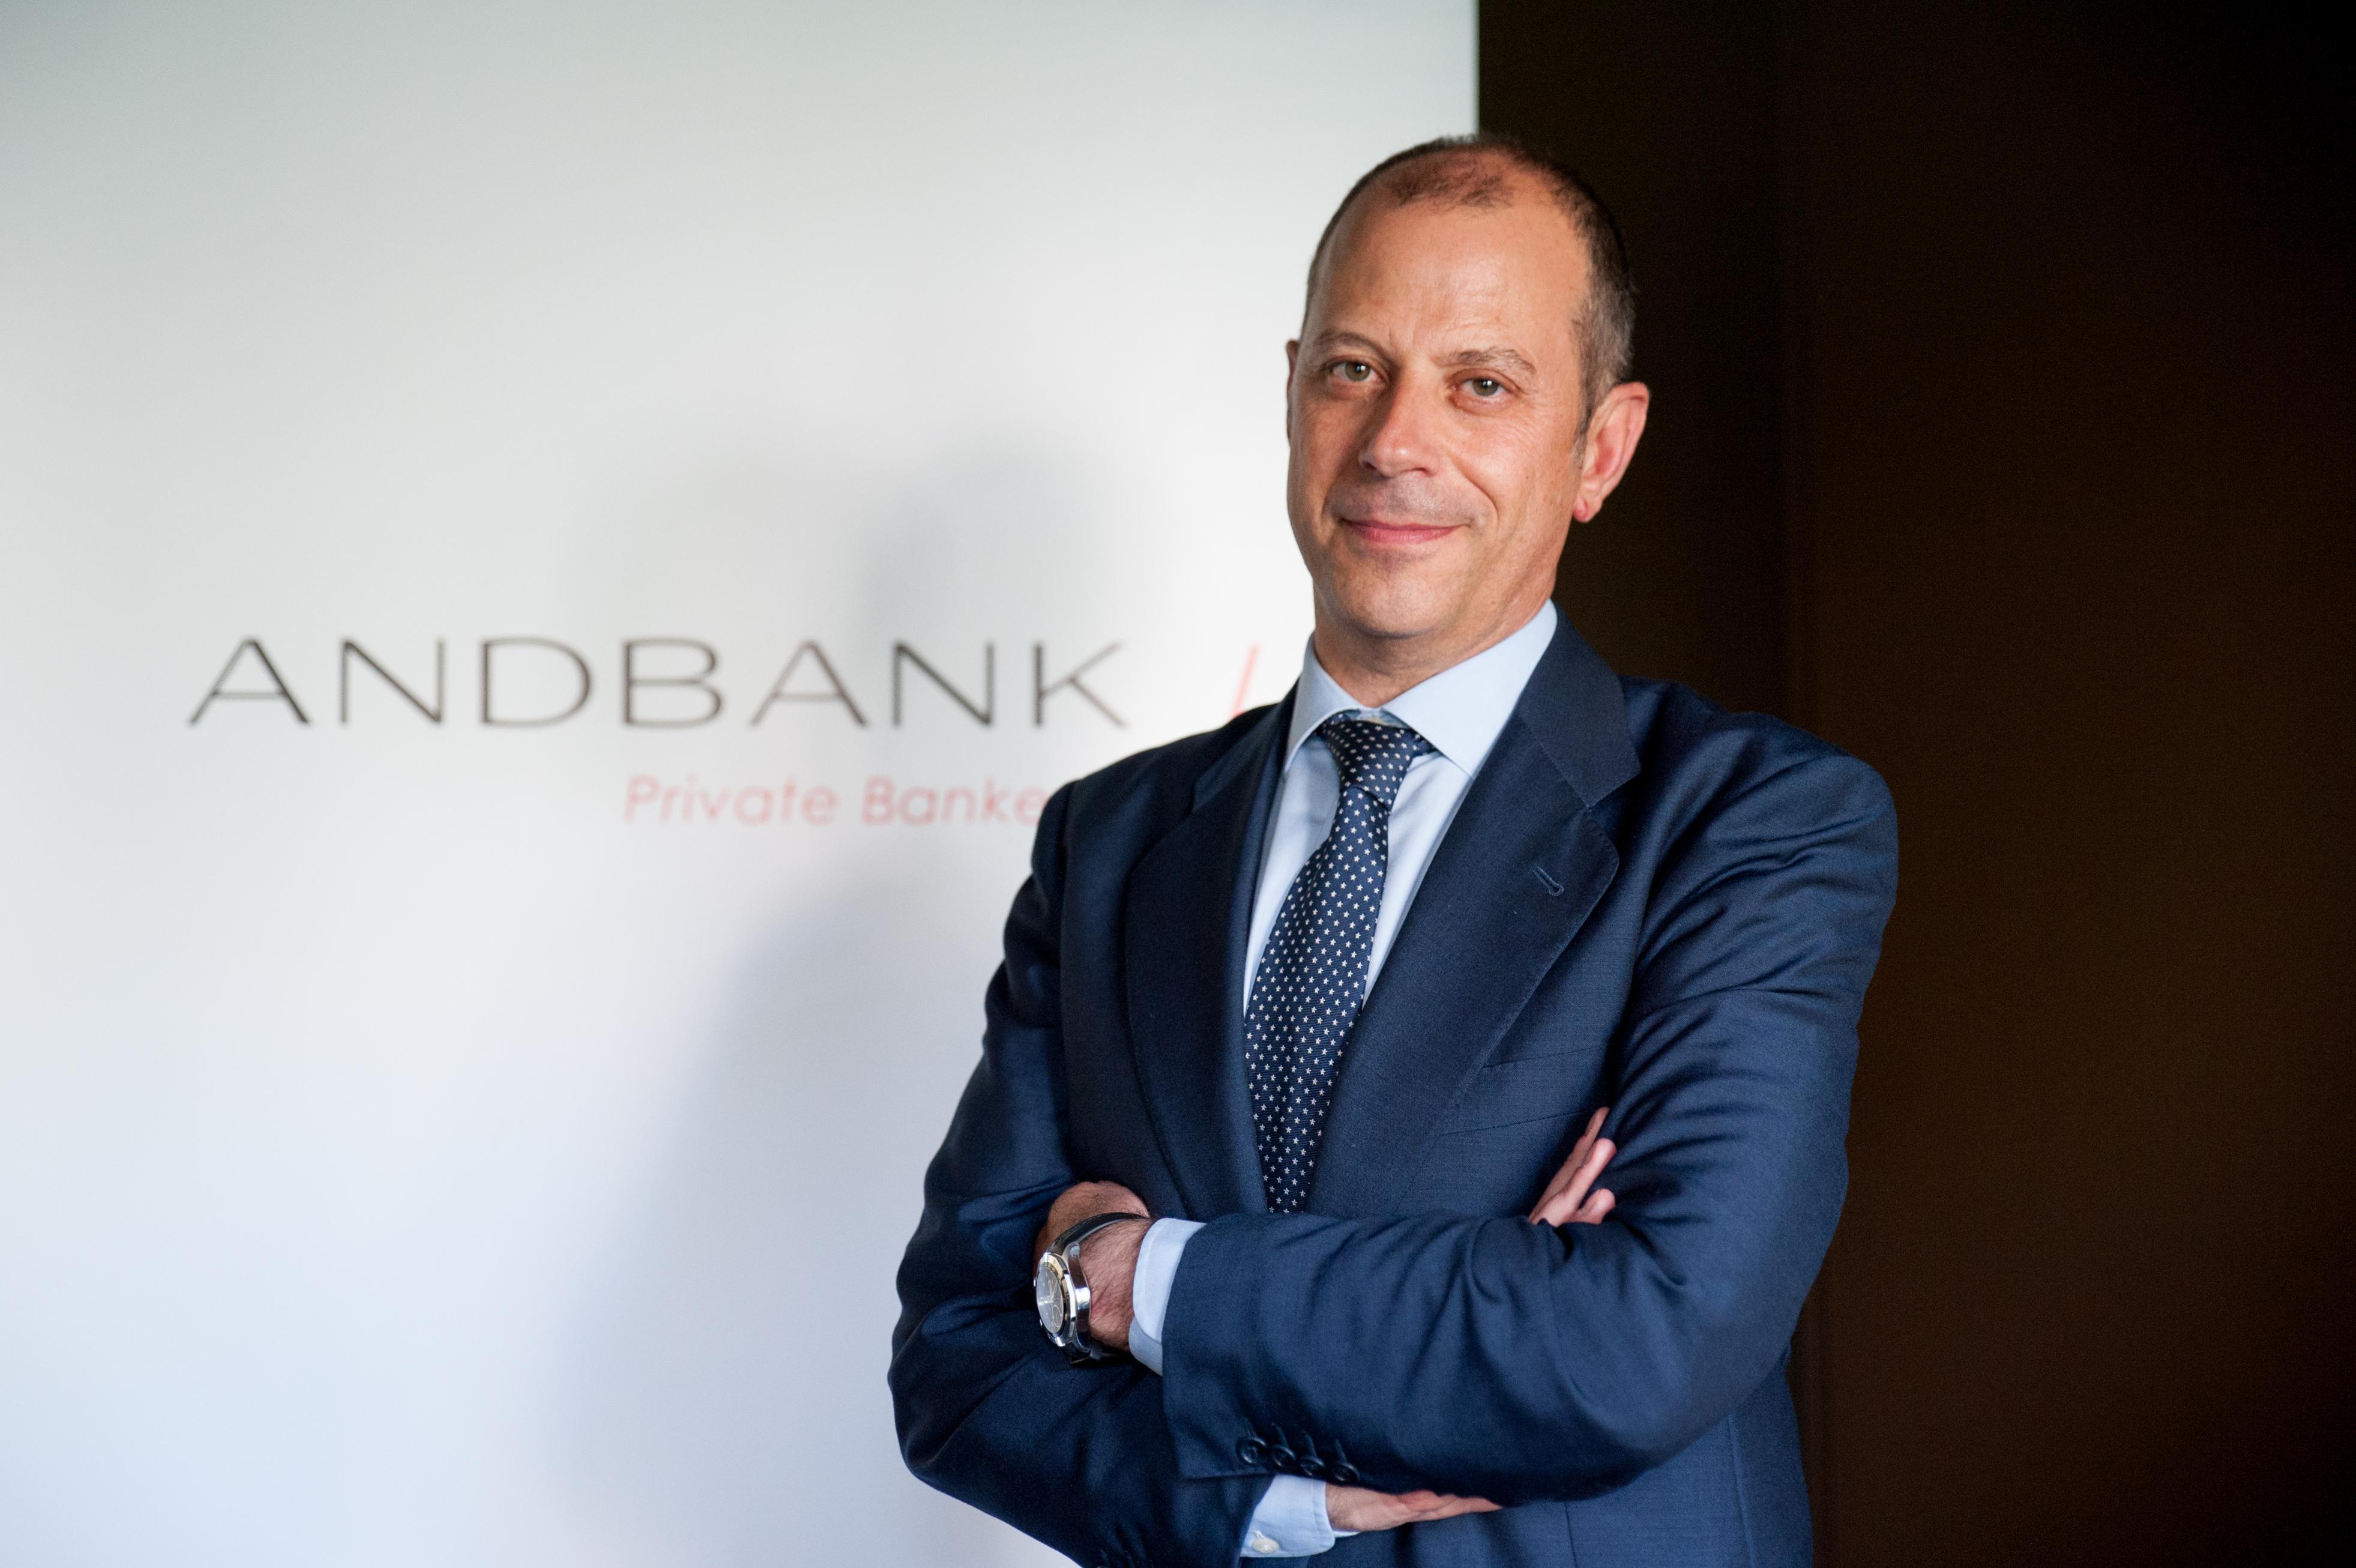 """Marcelino Blanco: """"Cada vez más el cliente se interesa por inversiones de carácter filantrópico"""""""